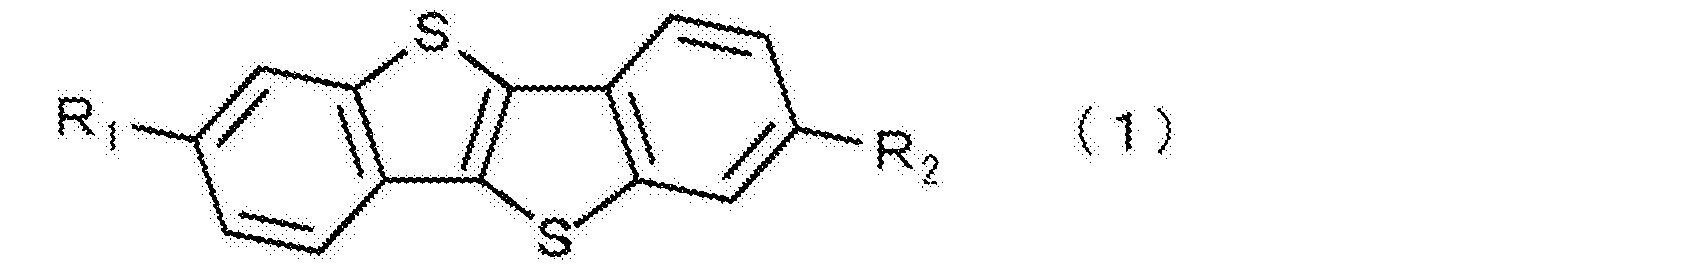 Figure CN107534050AC00021